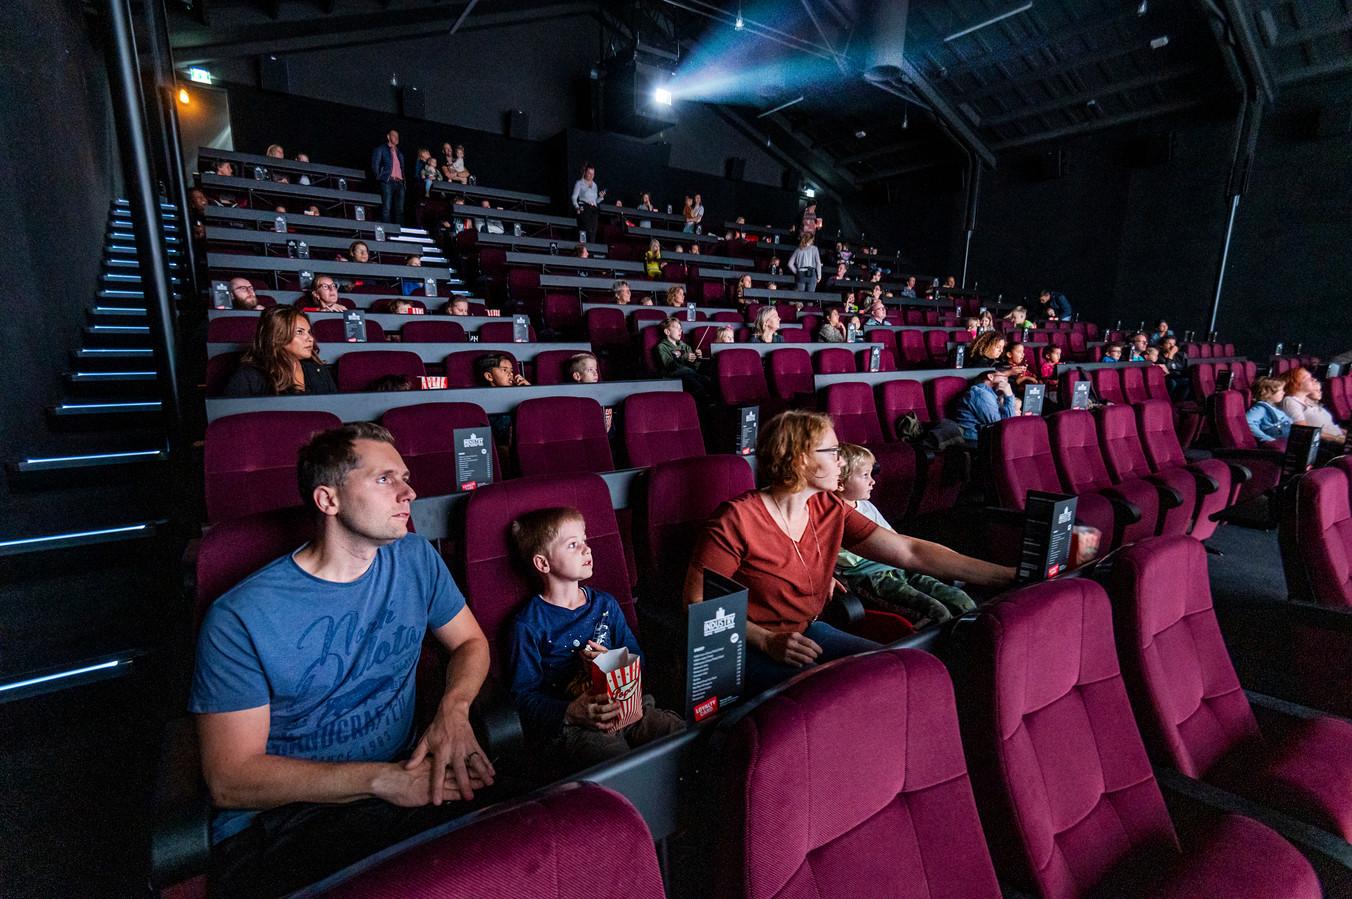 De grote bioscoopzaal stroomt vol met kinderen en hun ouders voor de eerste film na de opening.